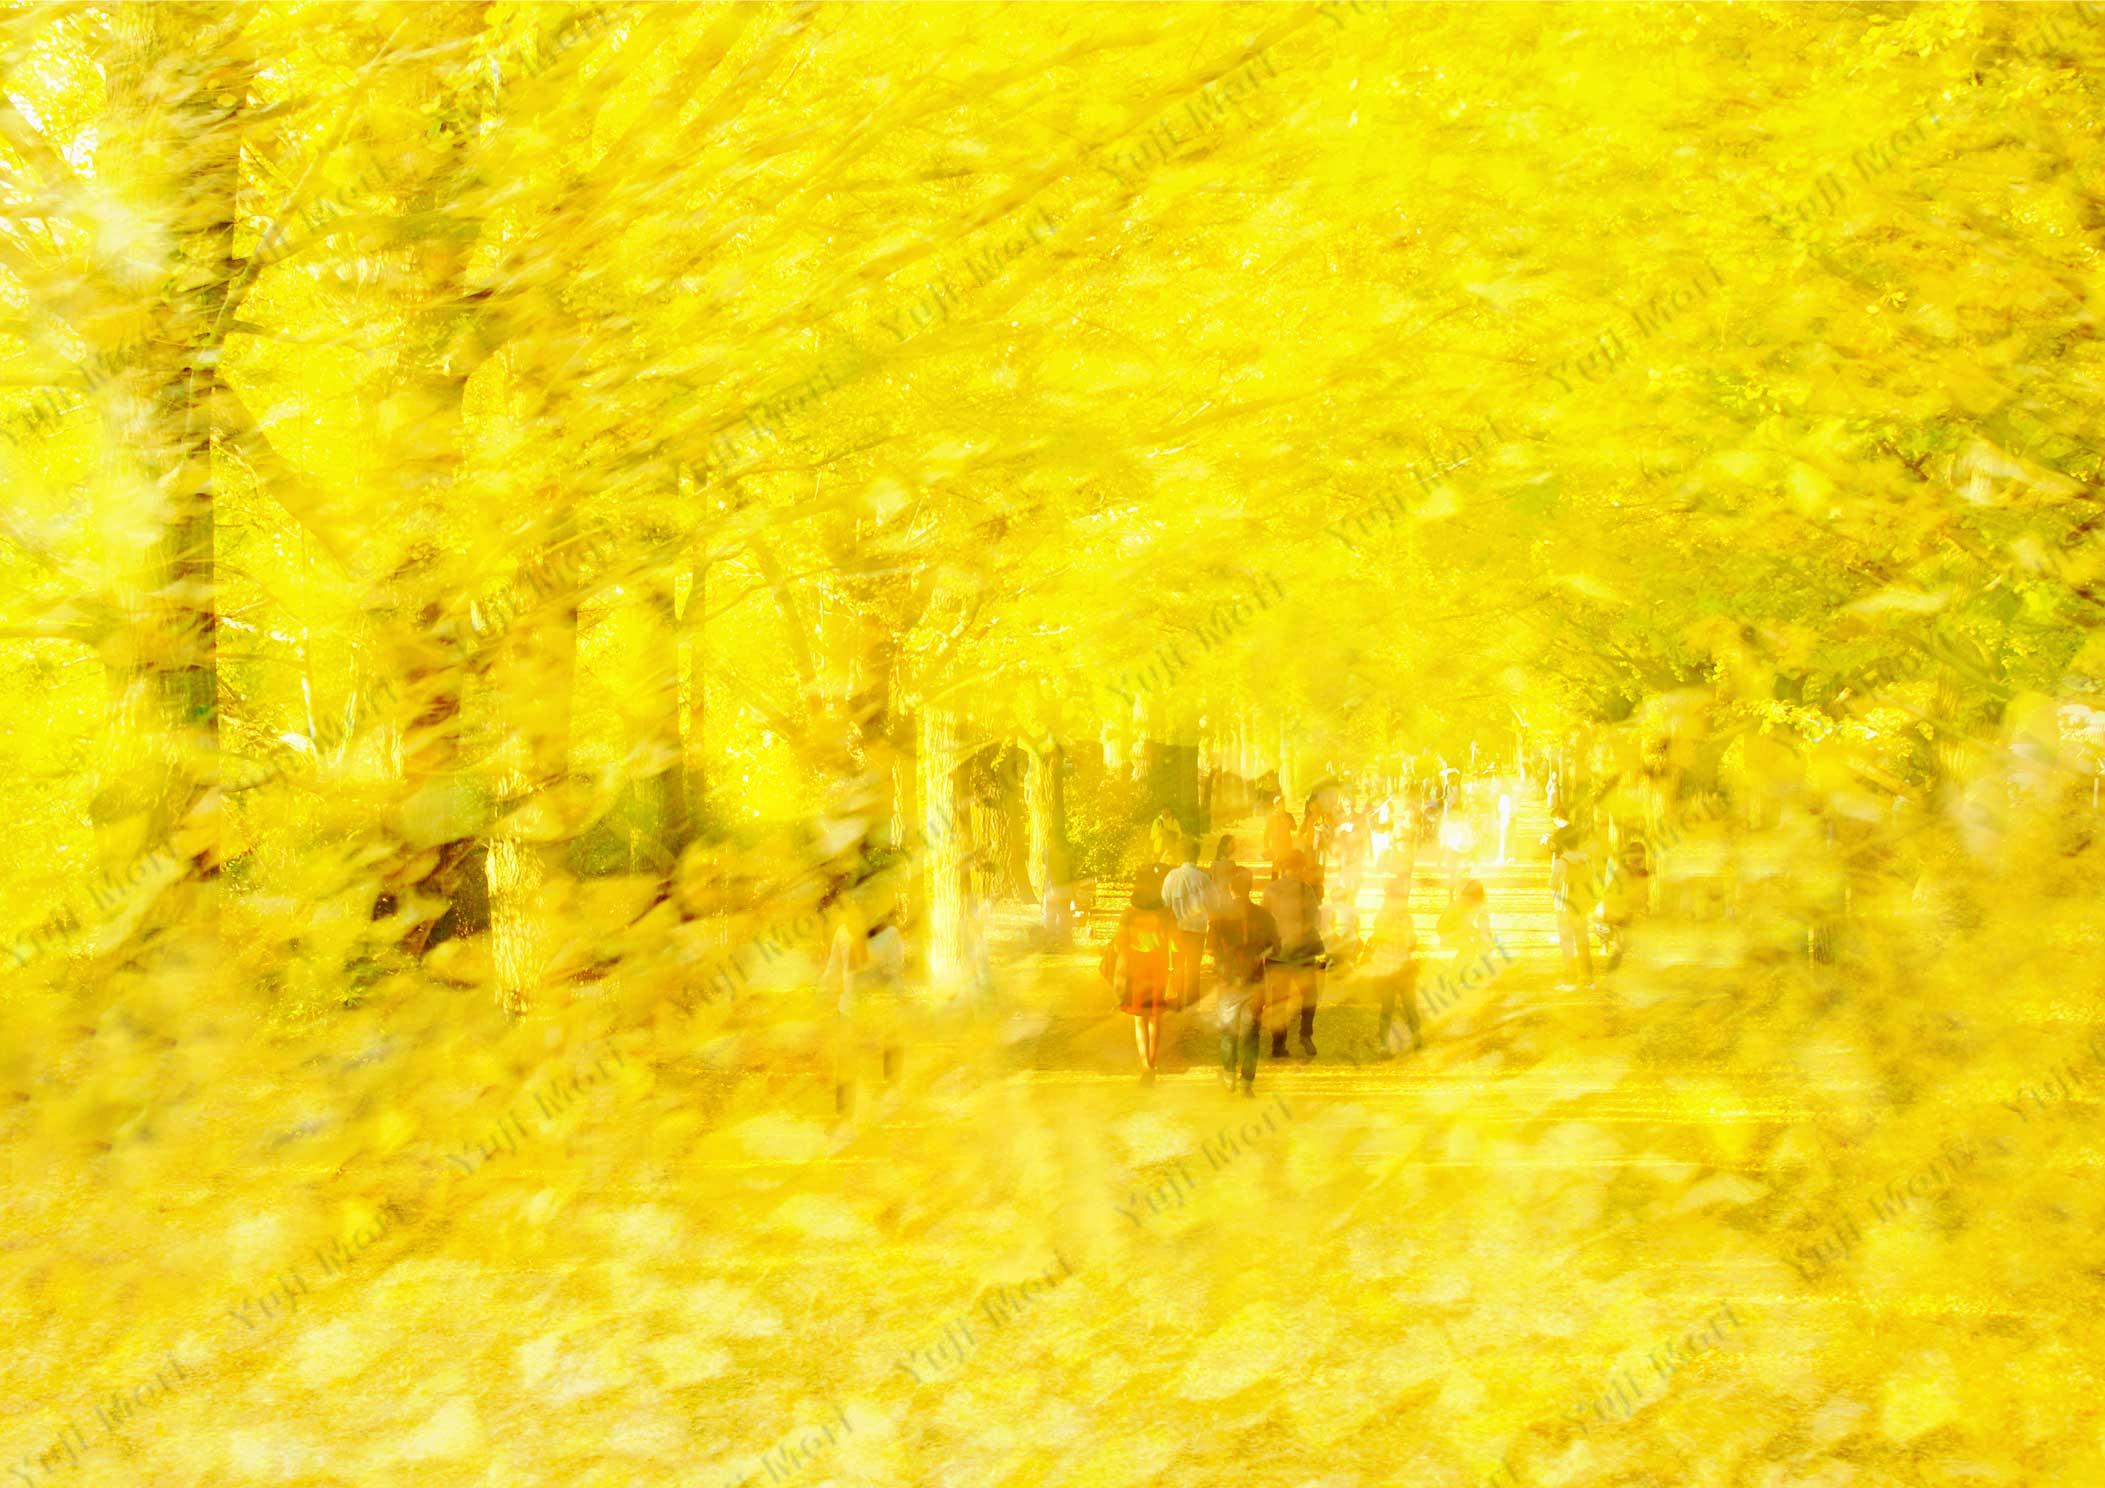 秋の銀杏並木 多重露光で色彩を強調。 人物の服がアクセント。